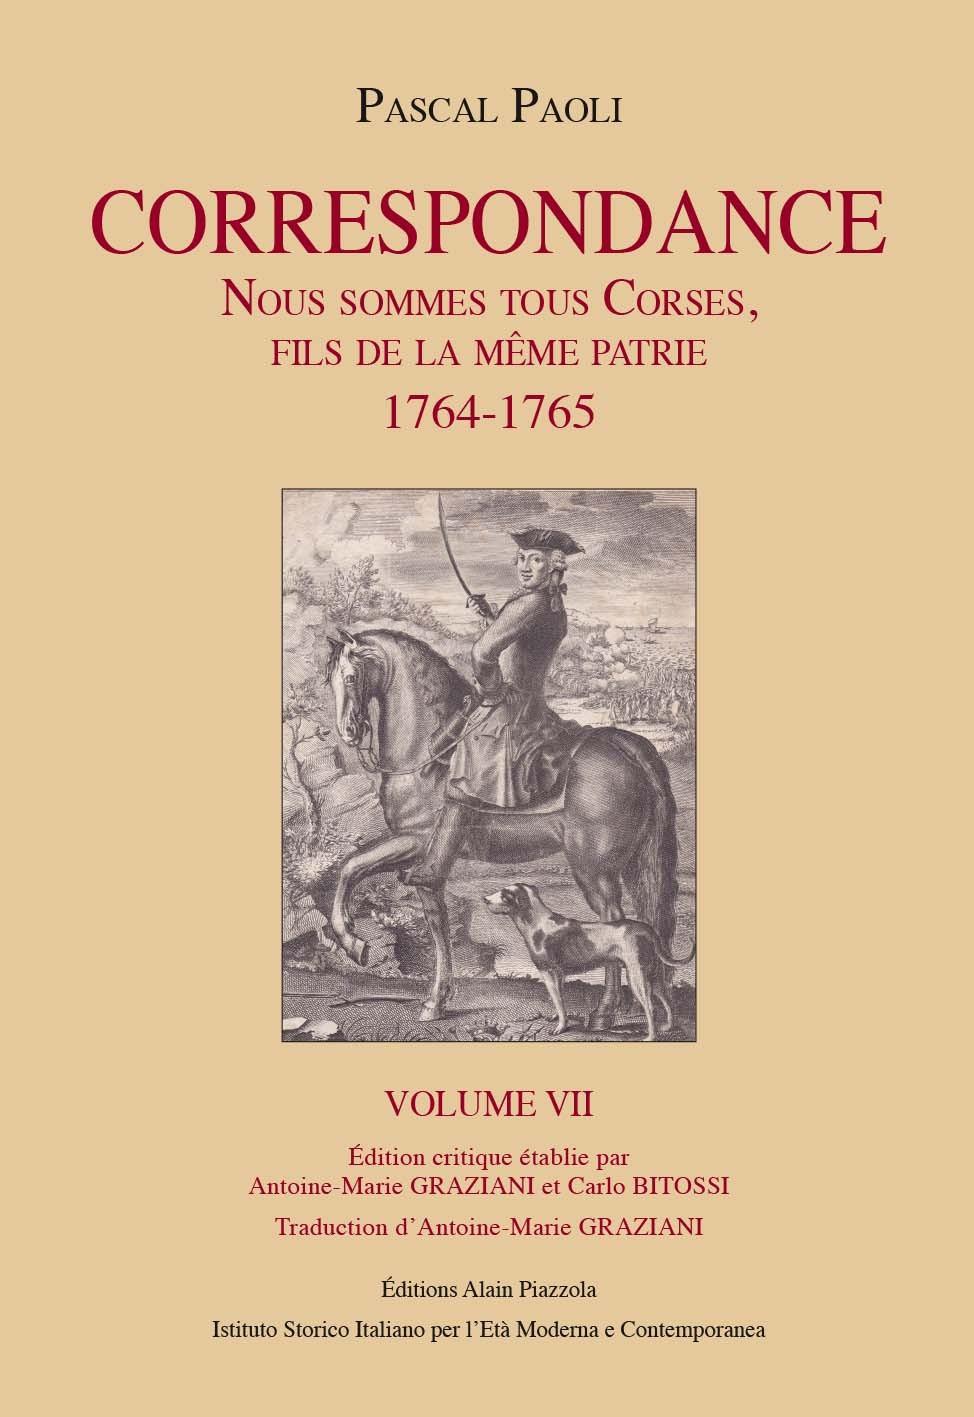 PAOLI CORRESPONDANCE VOLUME 7 - NOUS SOMMES TOUS CORSES, FILS DE LA MEME PATRIE 1764-1765